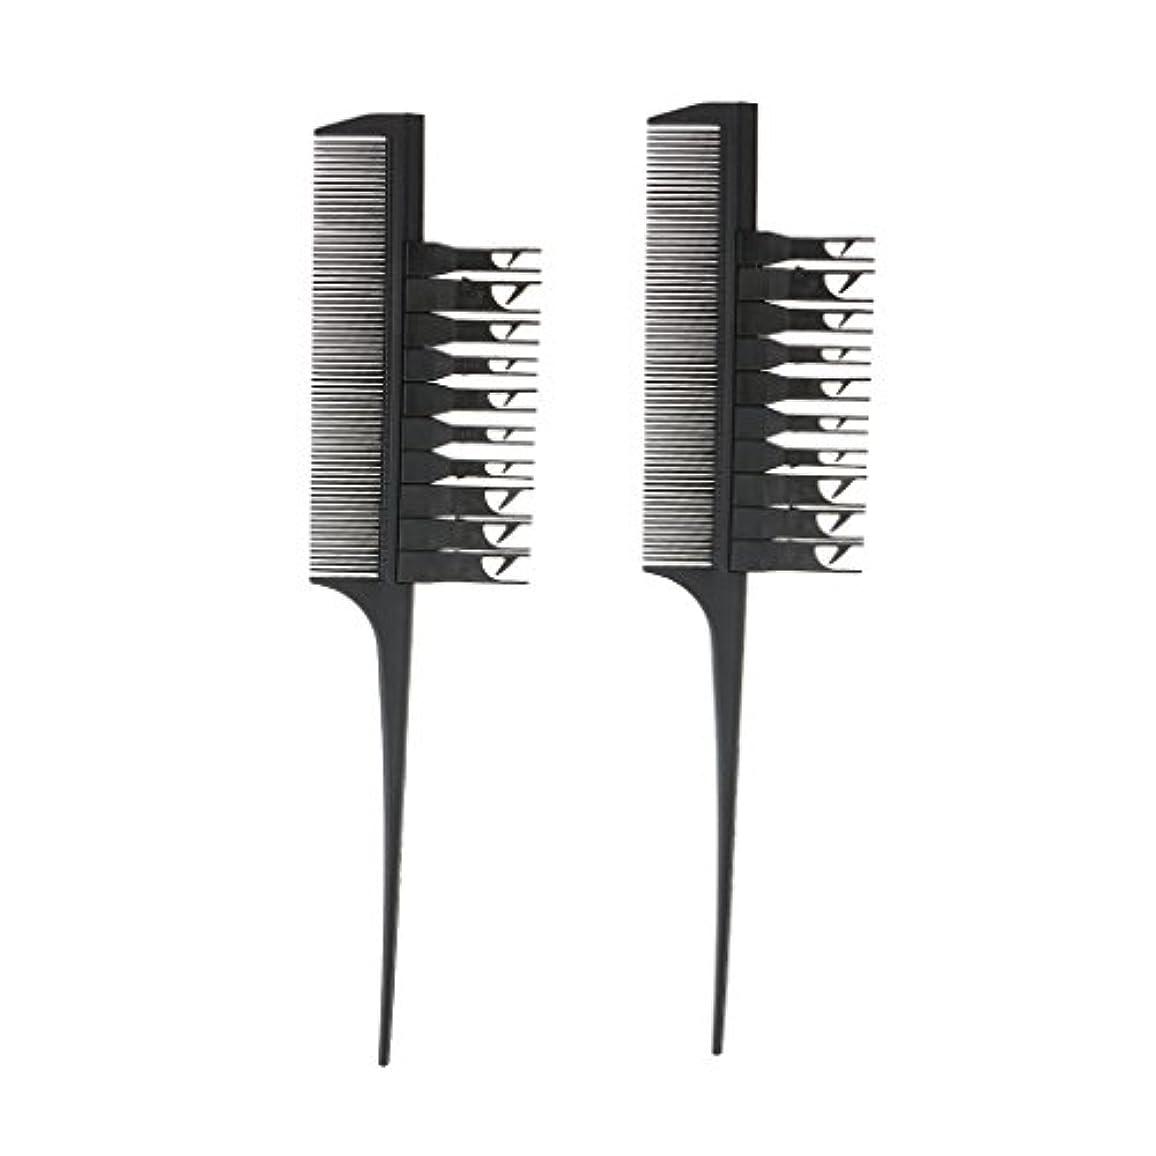 合成安心させるペダルFenteer 2個 コーム 櫛 ブラシ ヘアダイブラシ サロン ヘアカラーリング 髪の毛 スライス 交換可能